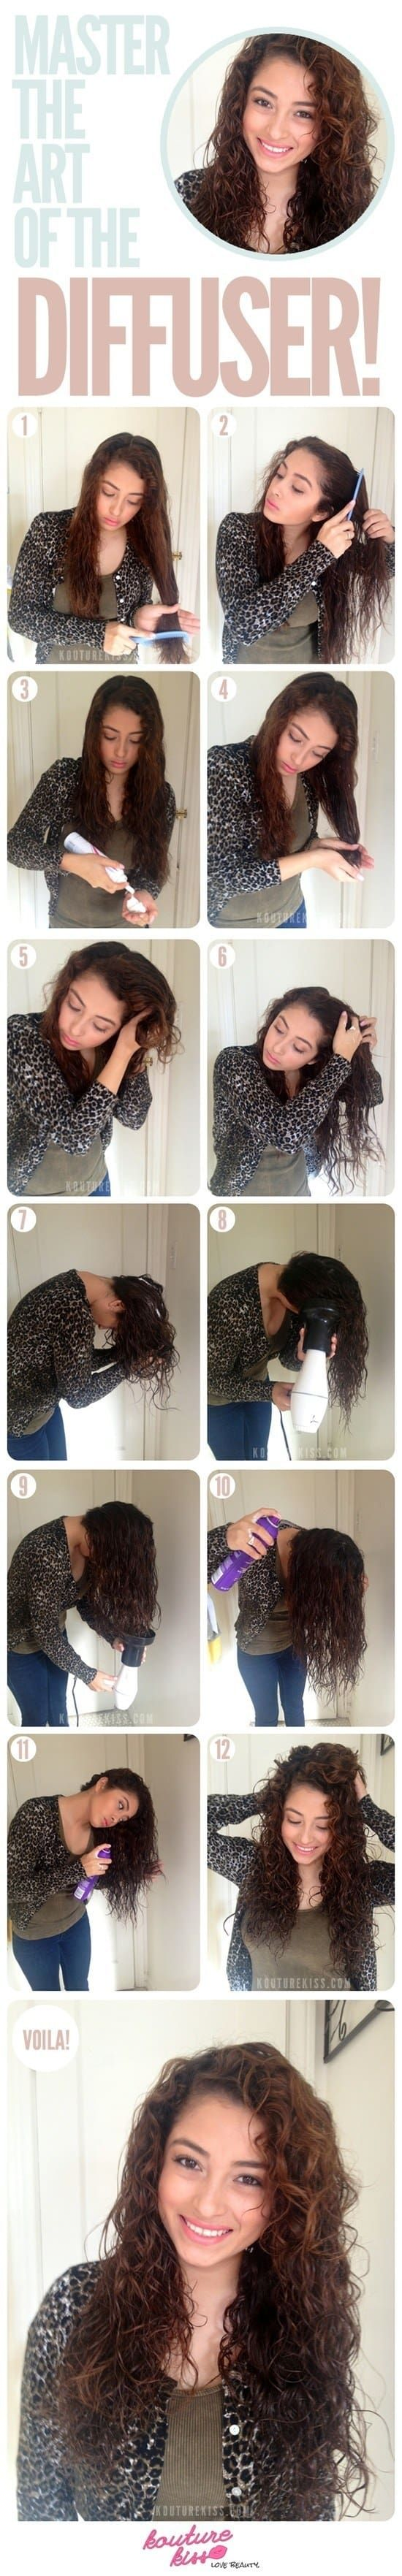 Hará una ENORME diferencia para aplacar el frizz y mantener tu cabello intacto. Los difusores de cabello suavizan la fuerza del aire, de modo que tu cabello no se moverá mientras lo secas, algo muy útil si tienes rulos.Aprende más sobre este truco aquí.